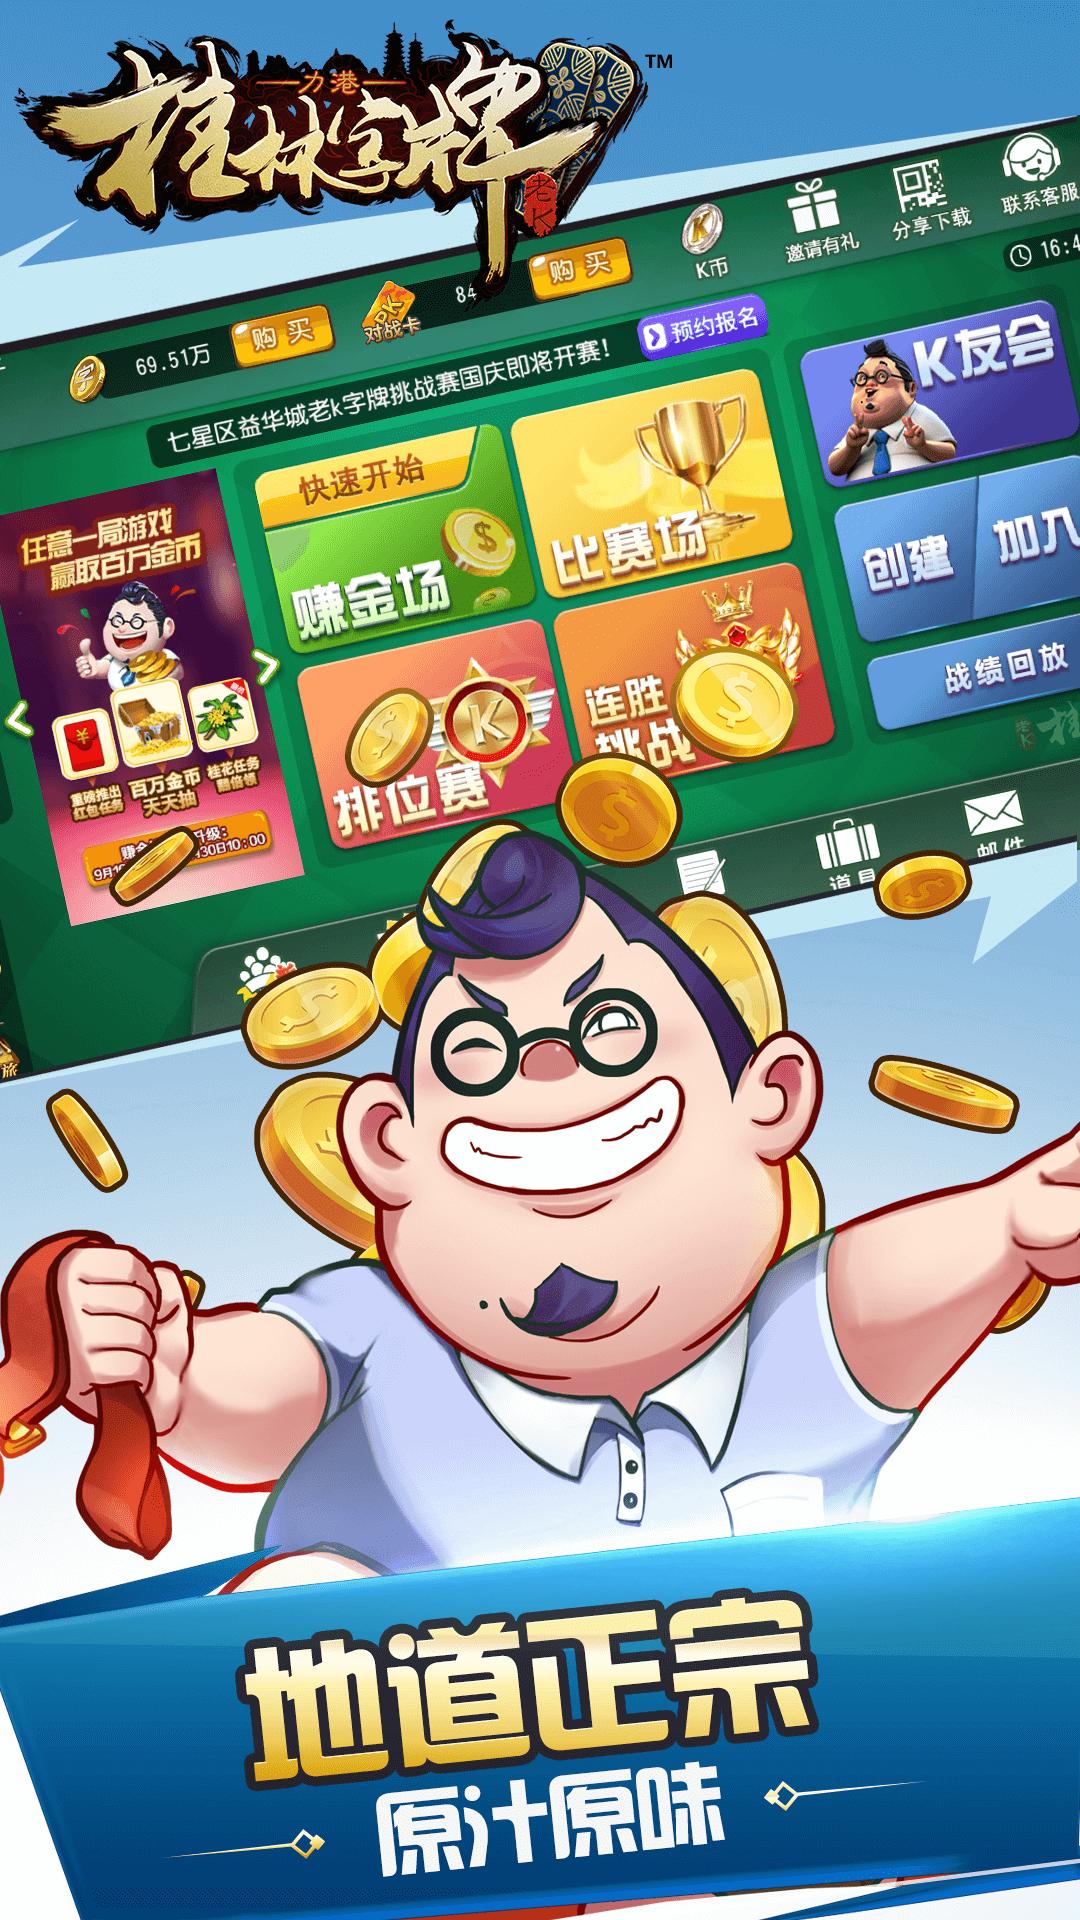 桂林字牌下载安装v1.0.22.256 安卓版